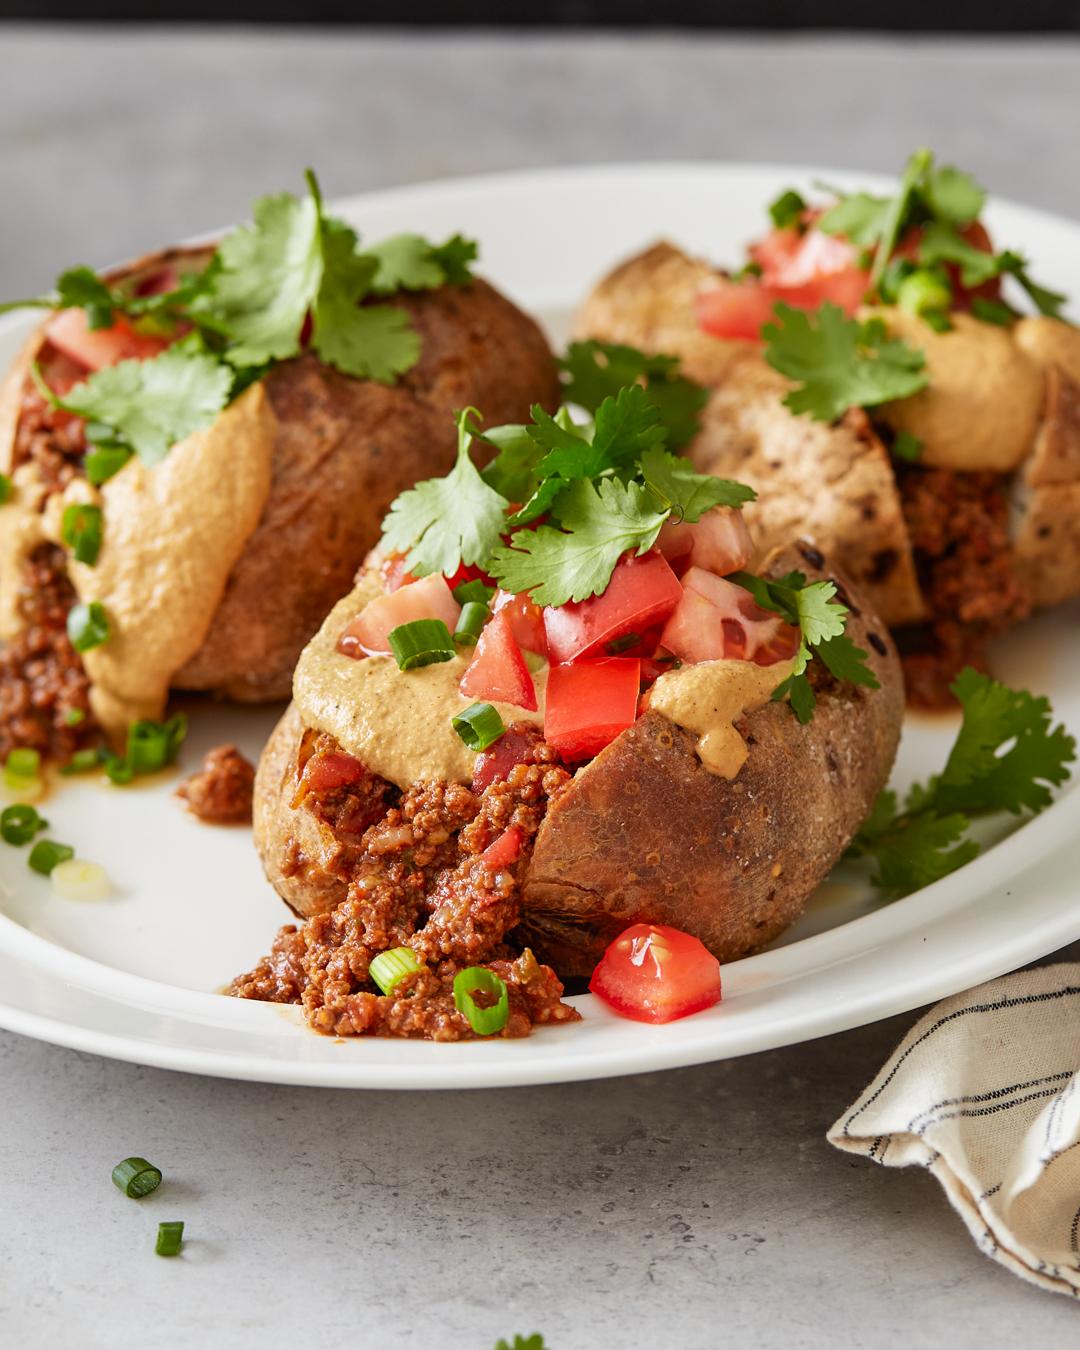 Chili Stuffed Baked Potatoes - Whole30